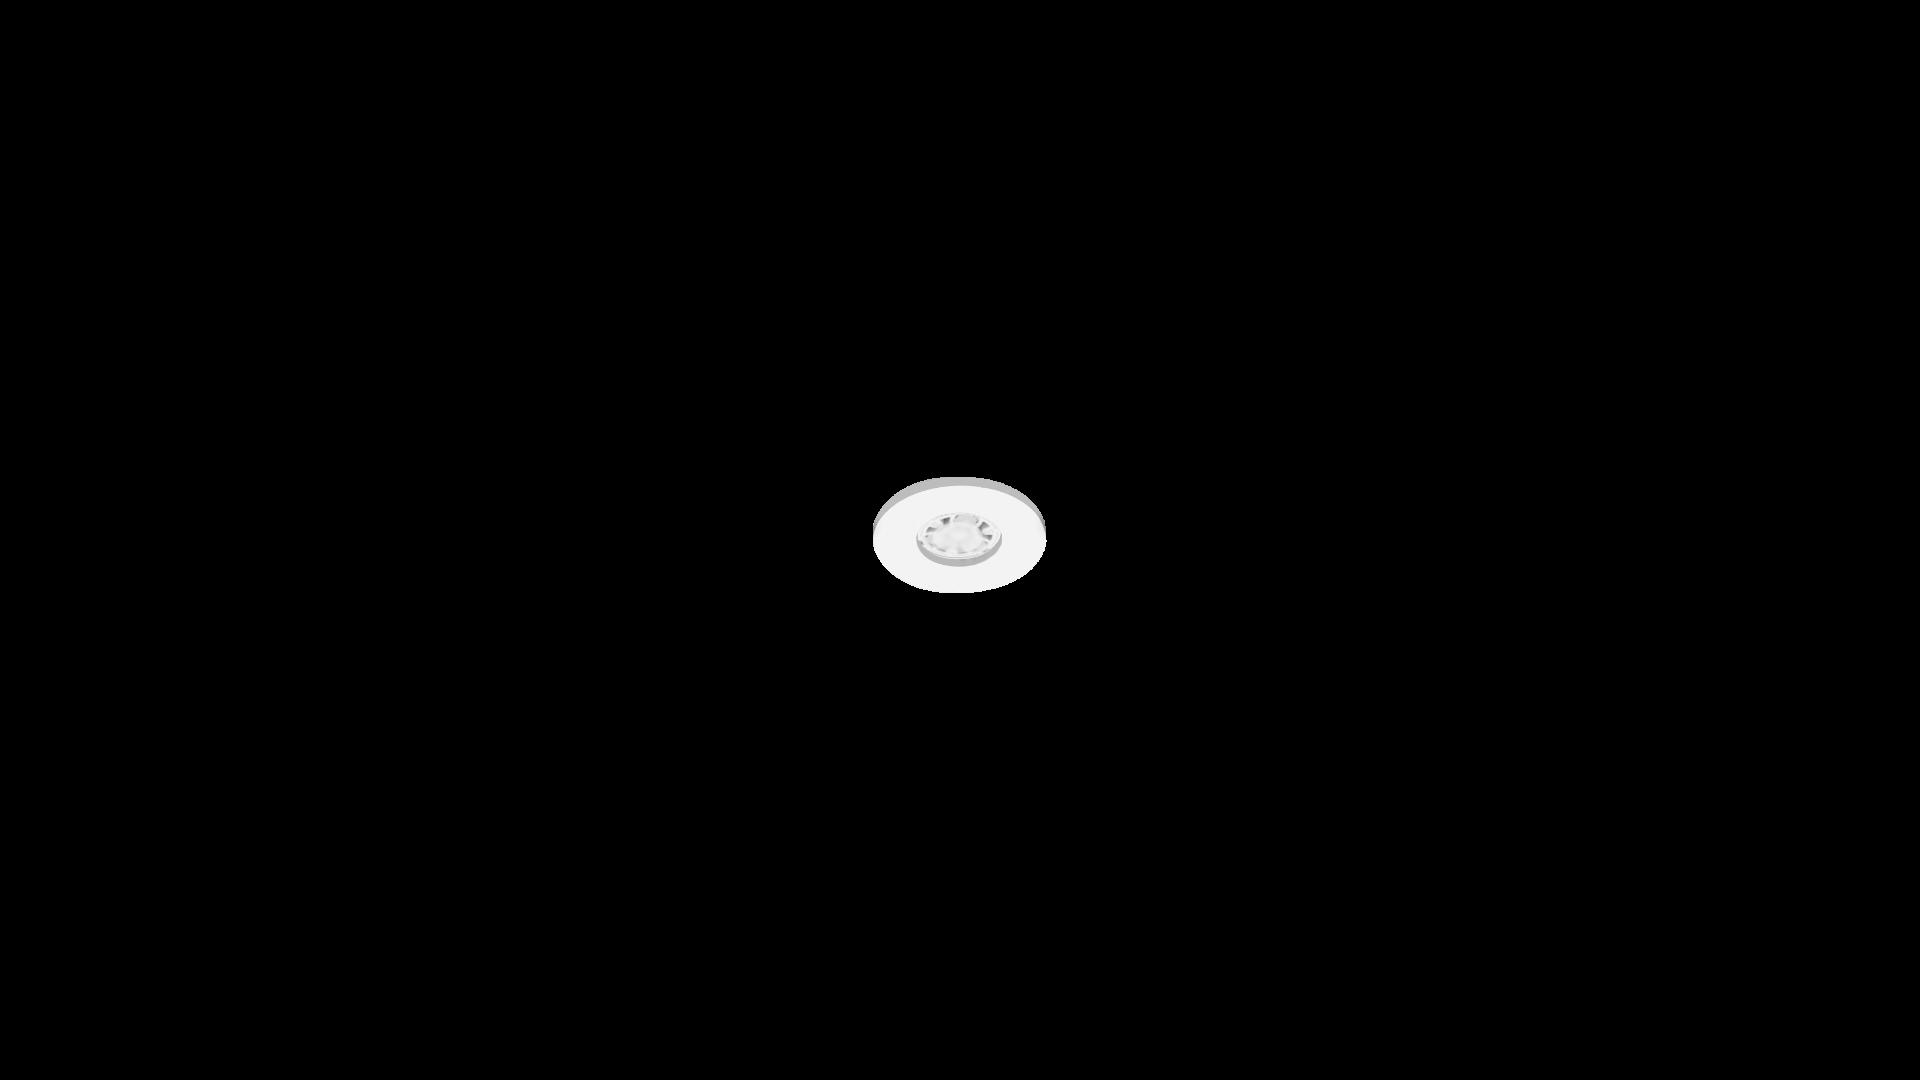 DOWNLIGHT X51_AR3_Marco Redondo no orientable marco Blanco lampara Blanca